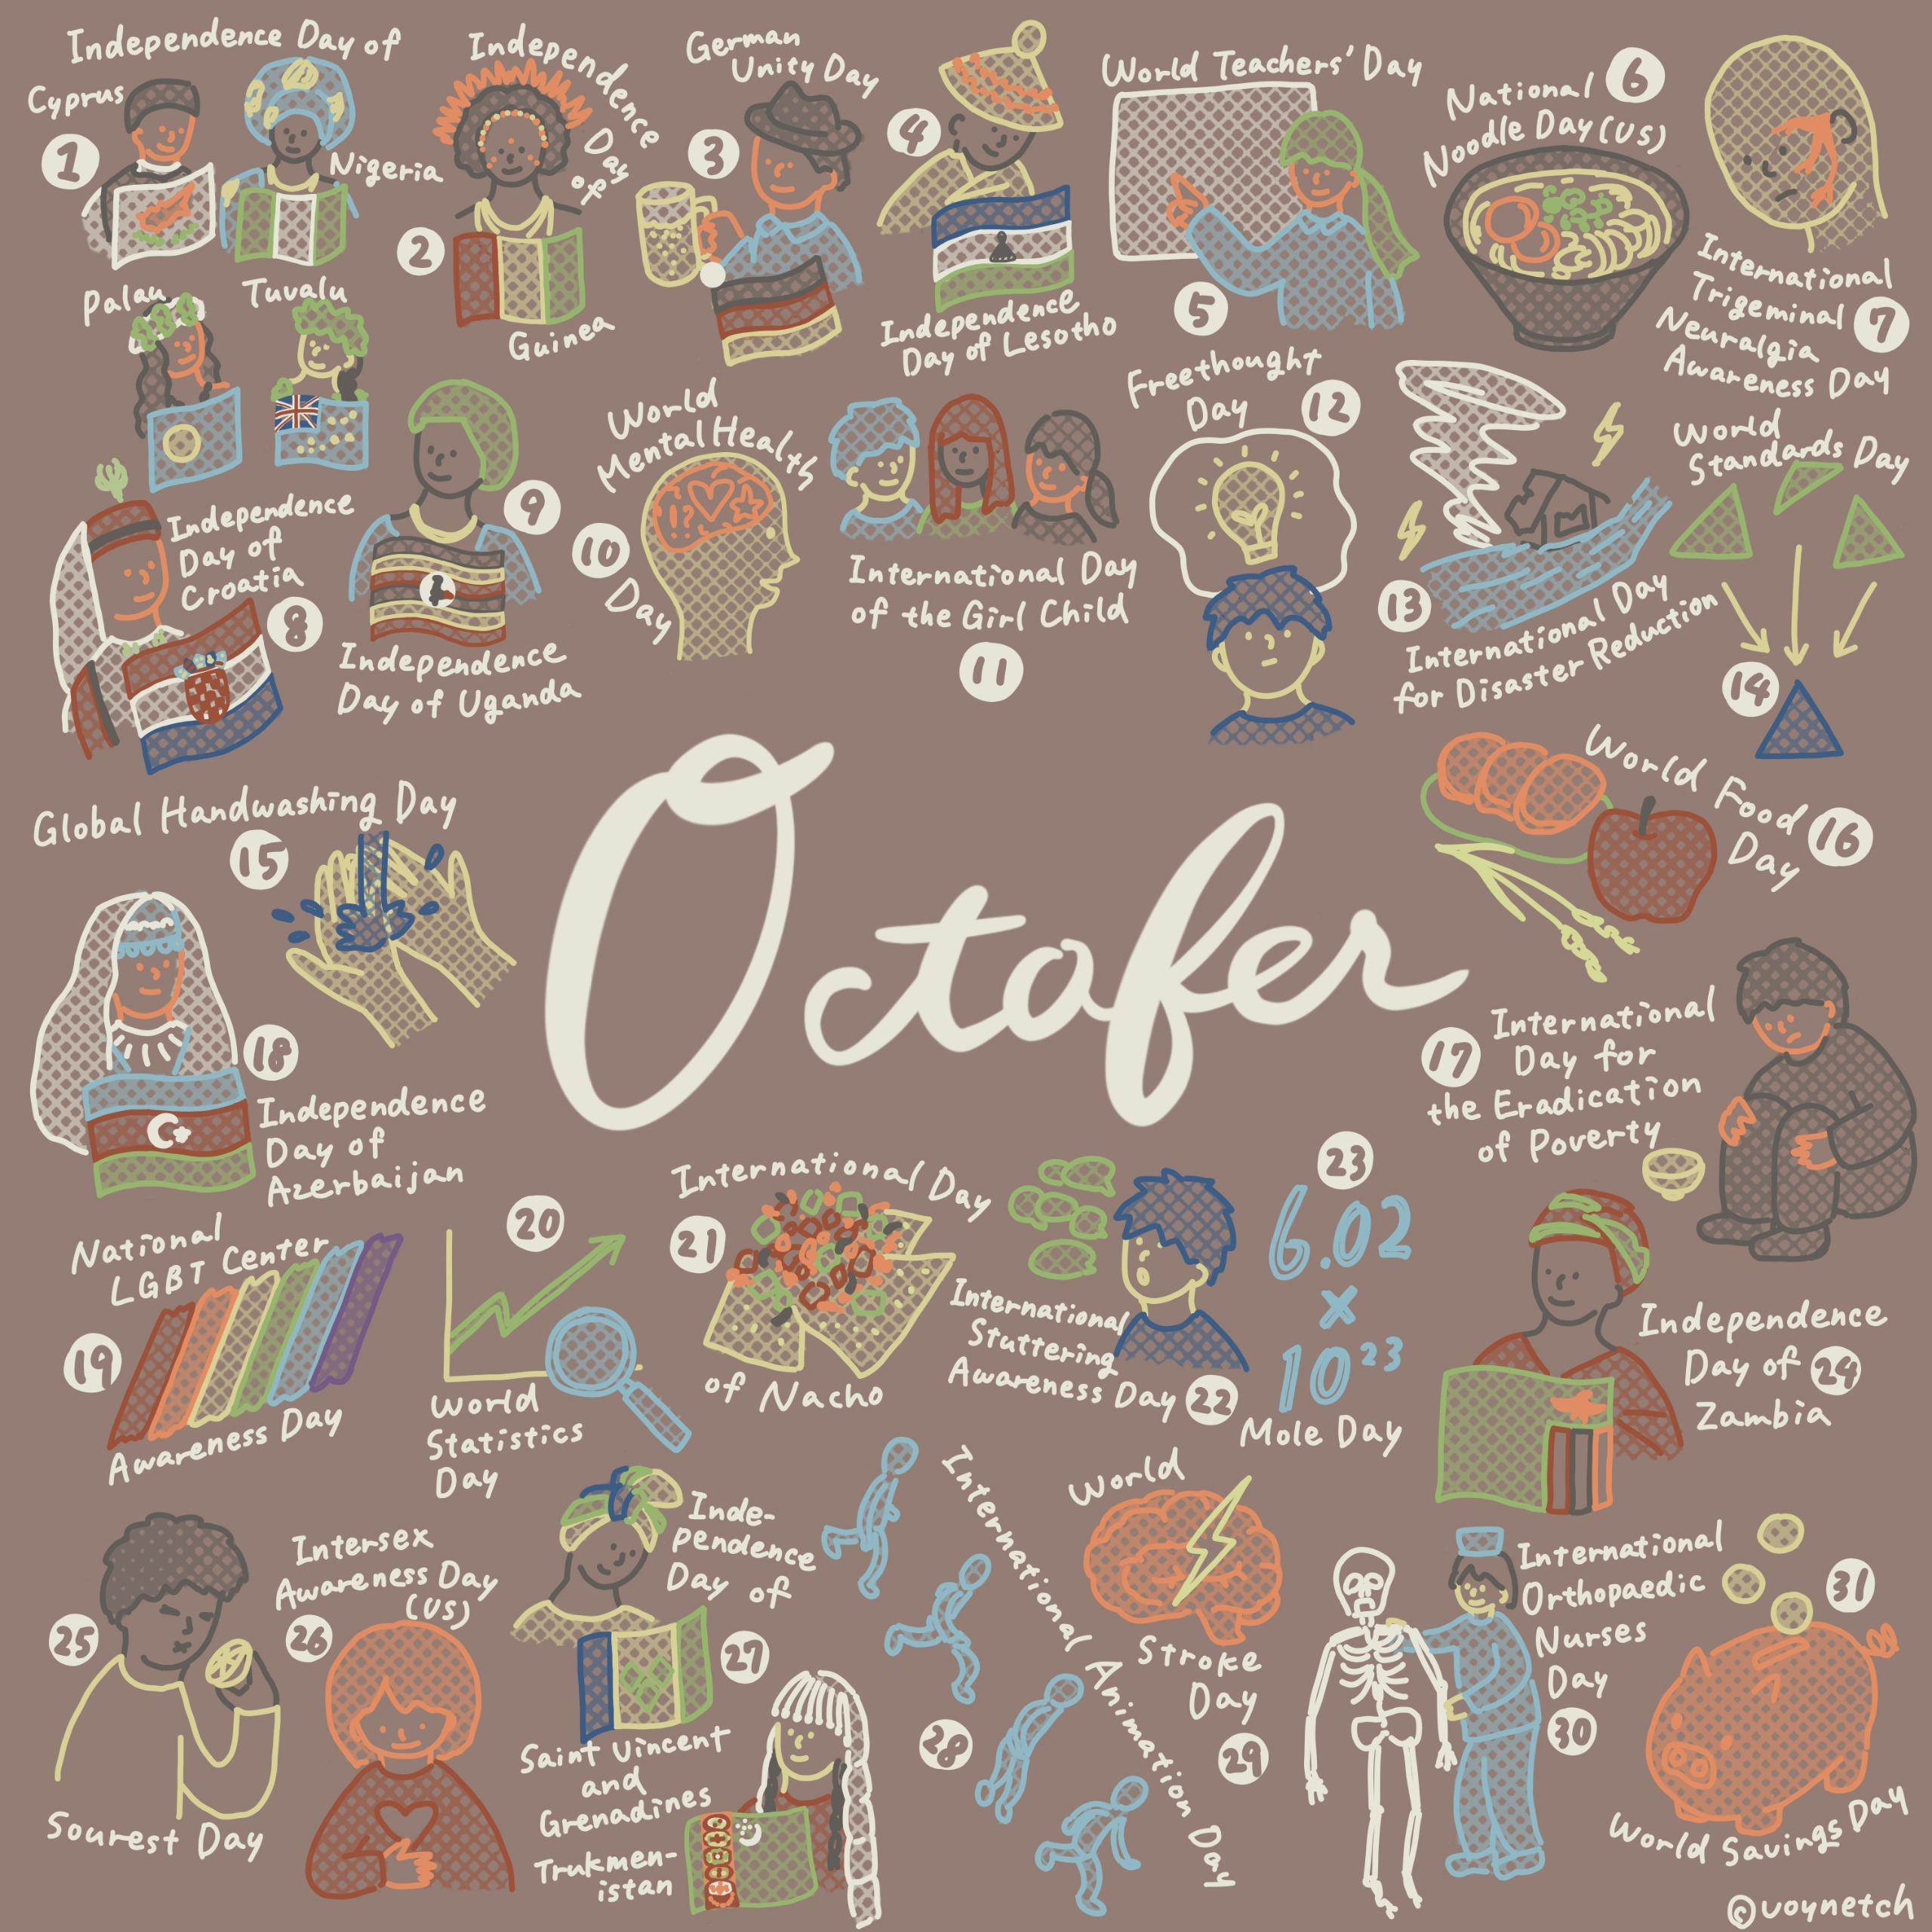 October Calendar of Holidays & Observances Image